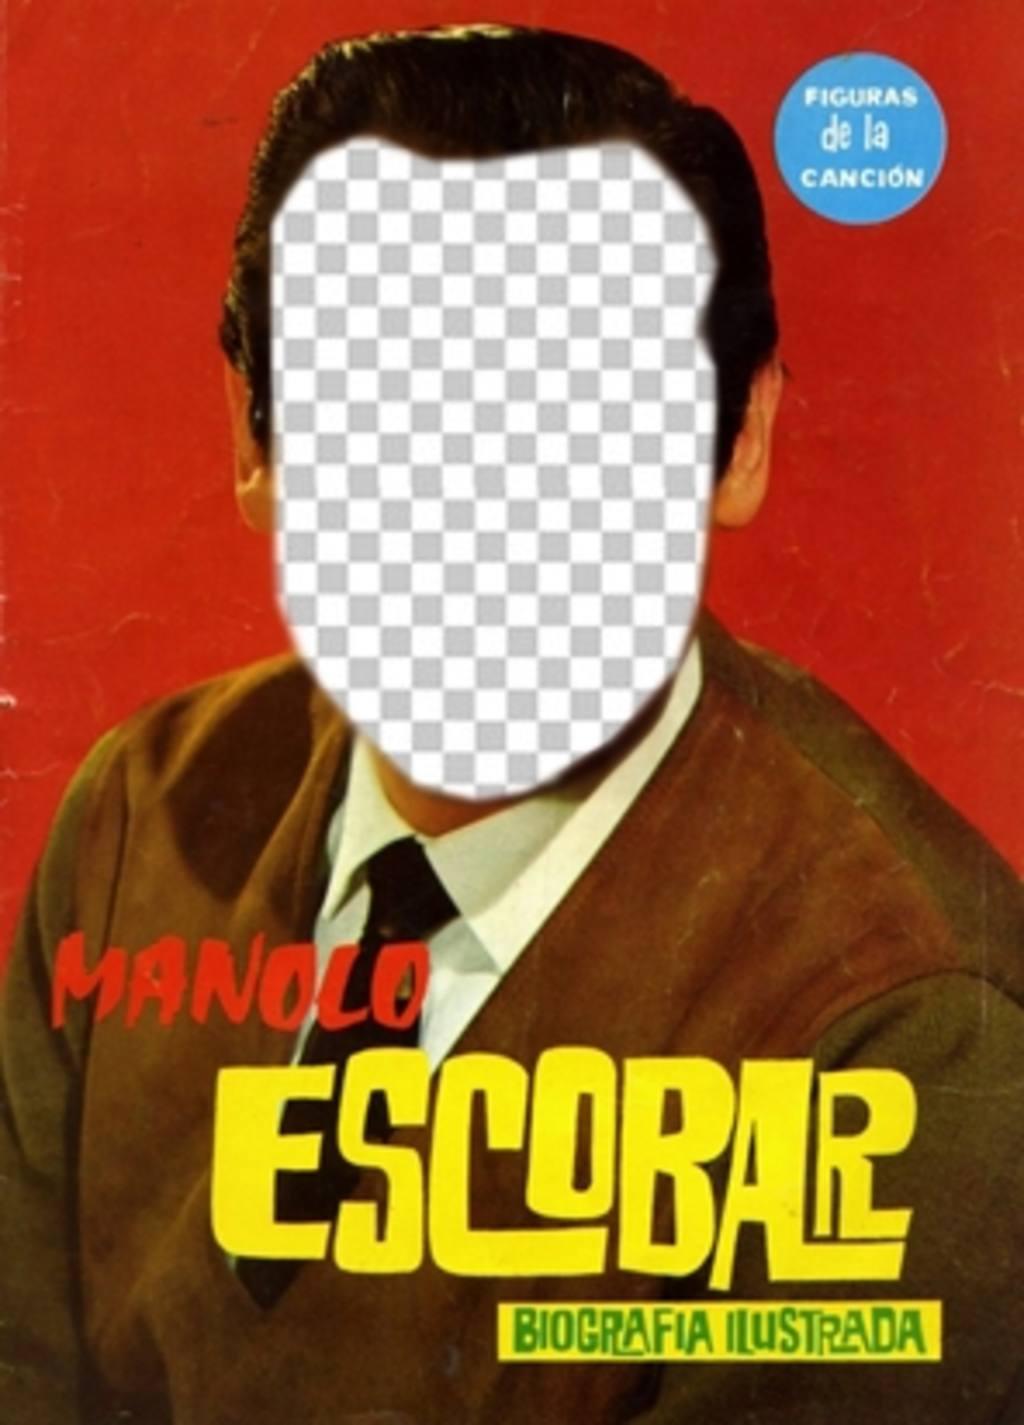 Apparaît comme Manolo Escobar dans ce photomontage de mettre un visage